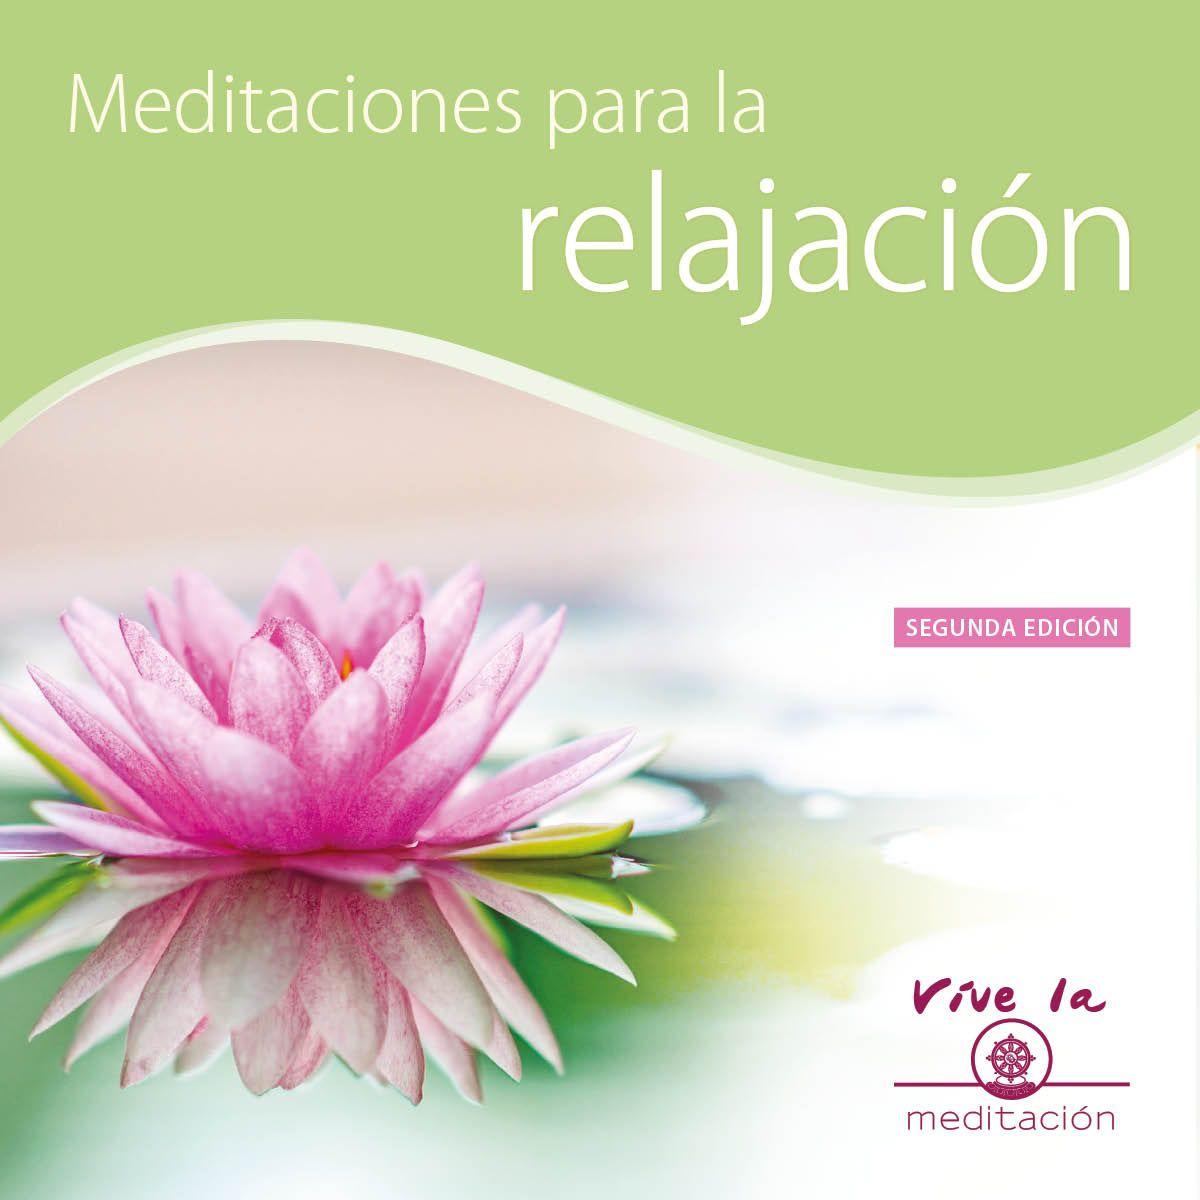 Meditaciones para la relajación – Guías de meditación en audio